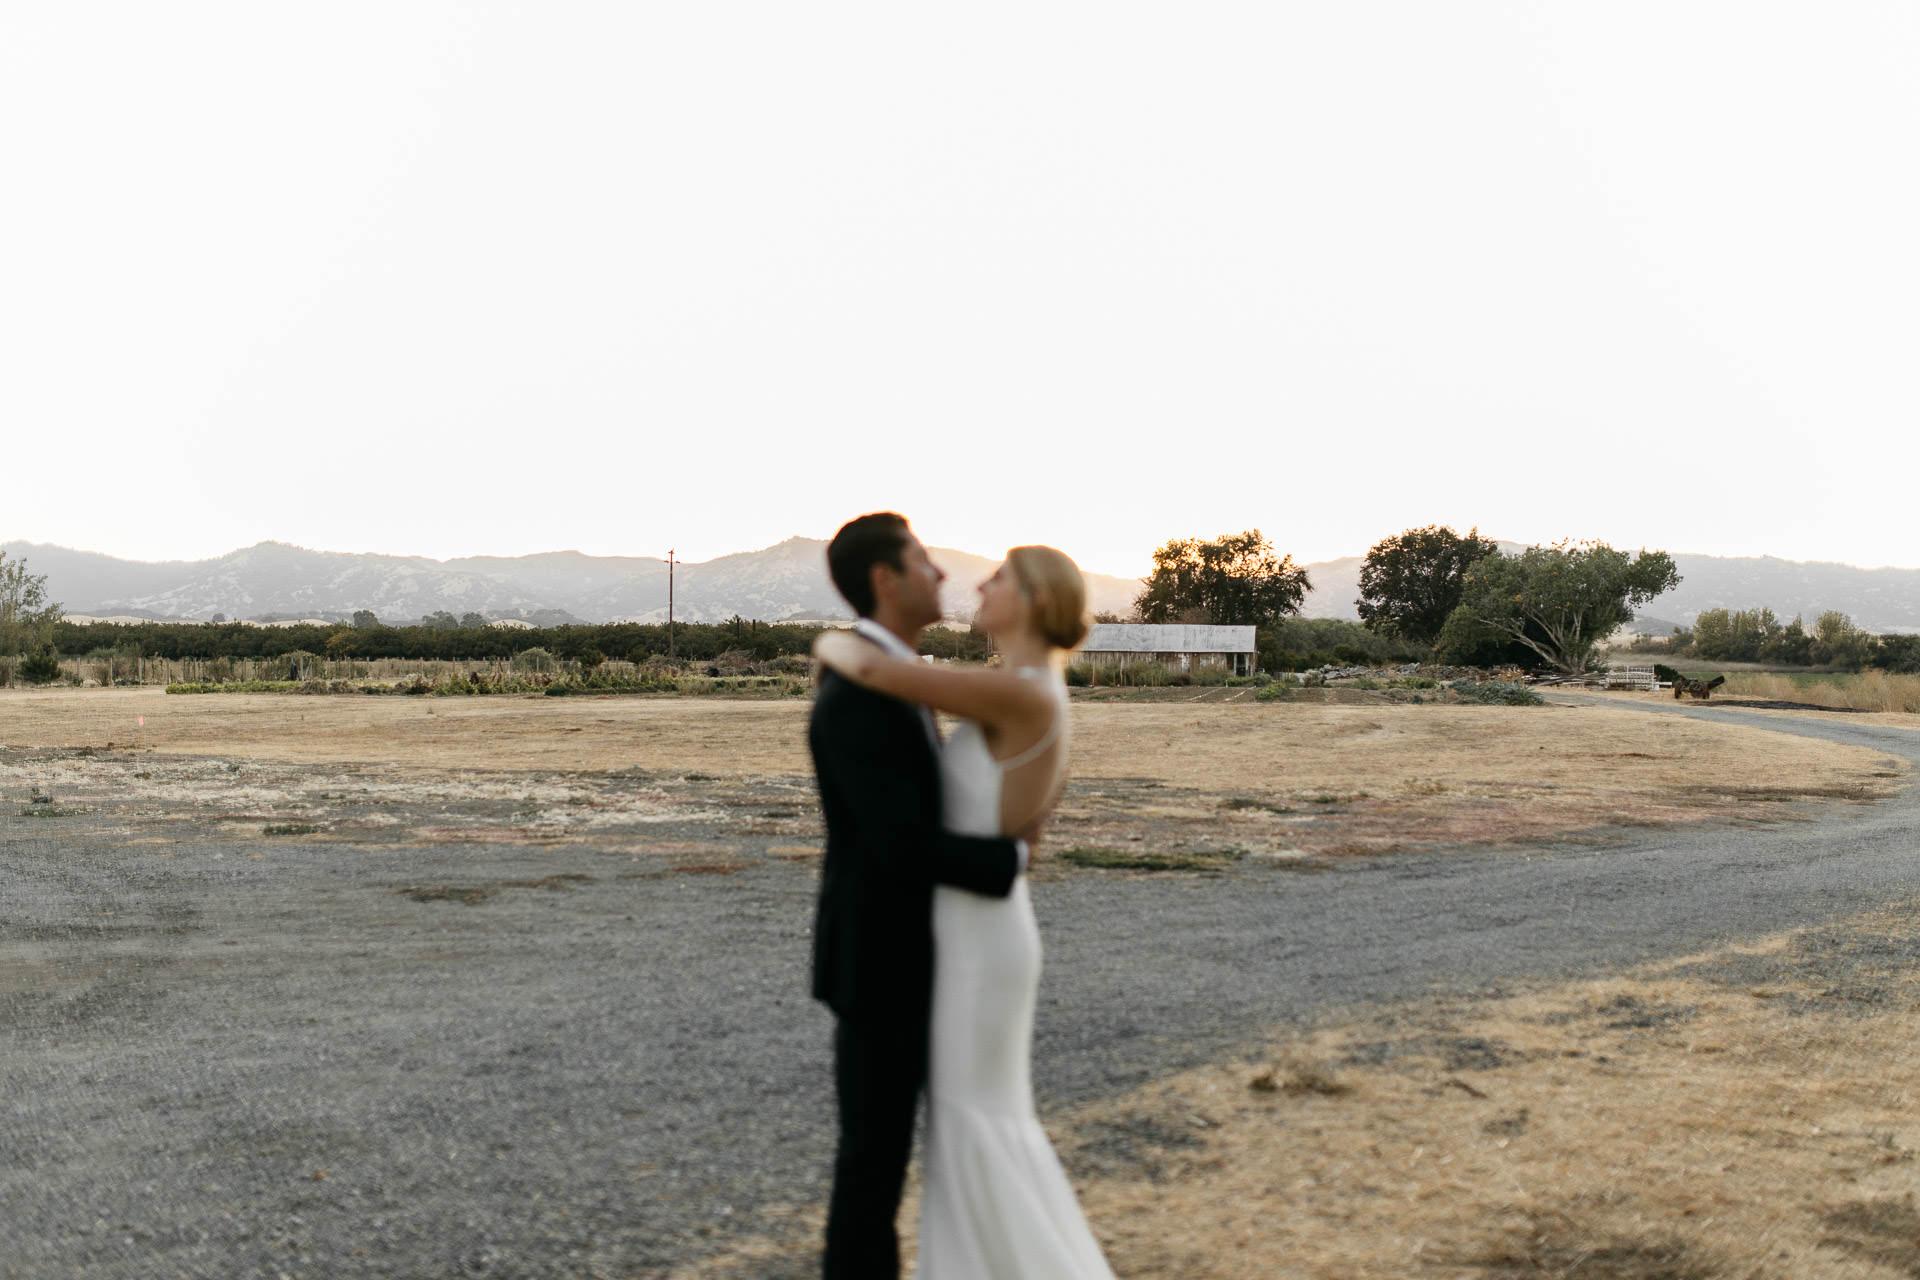 lauren_graham_wedding_california_park_winters_jeanlaurentgaudy_075